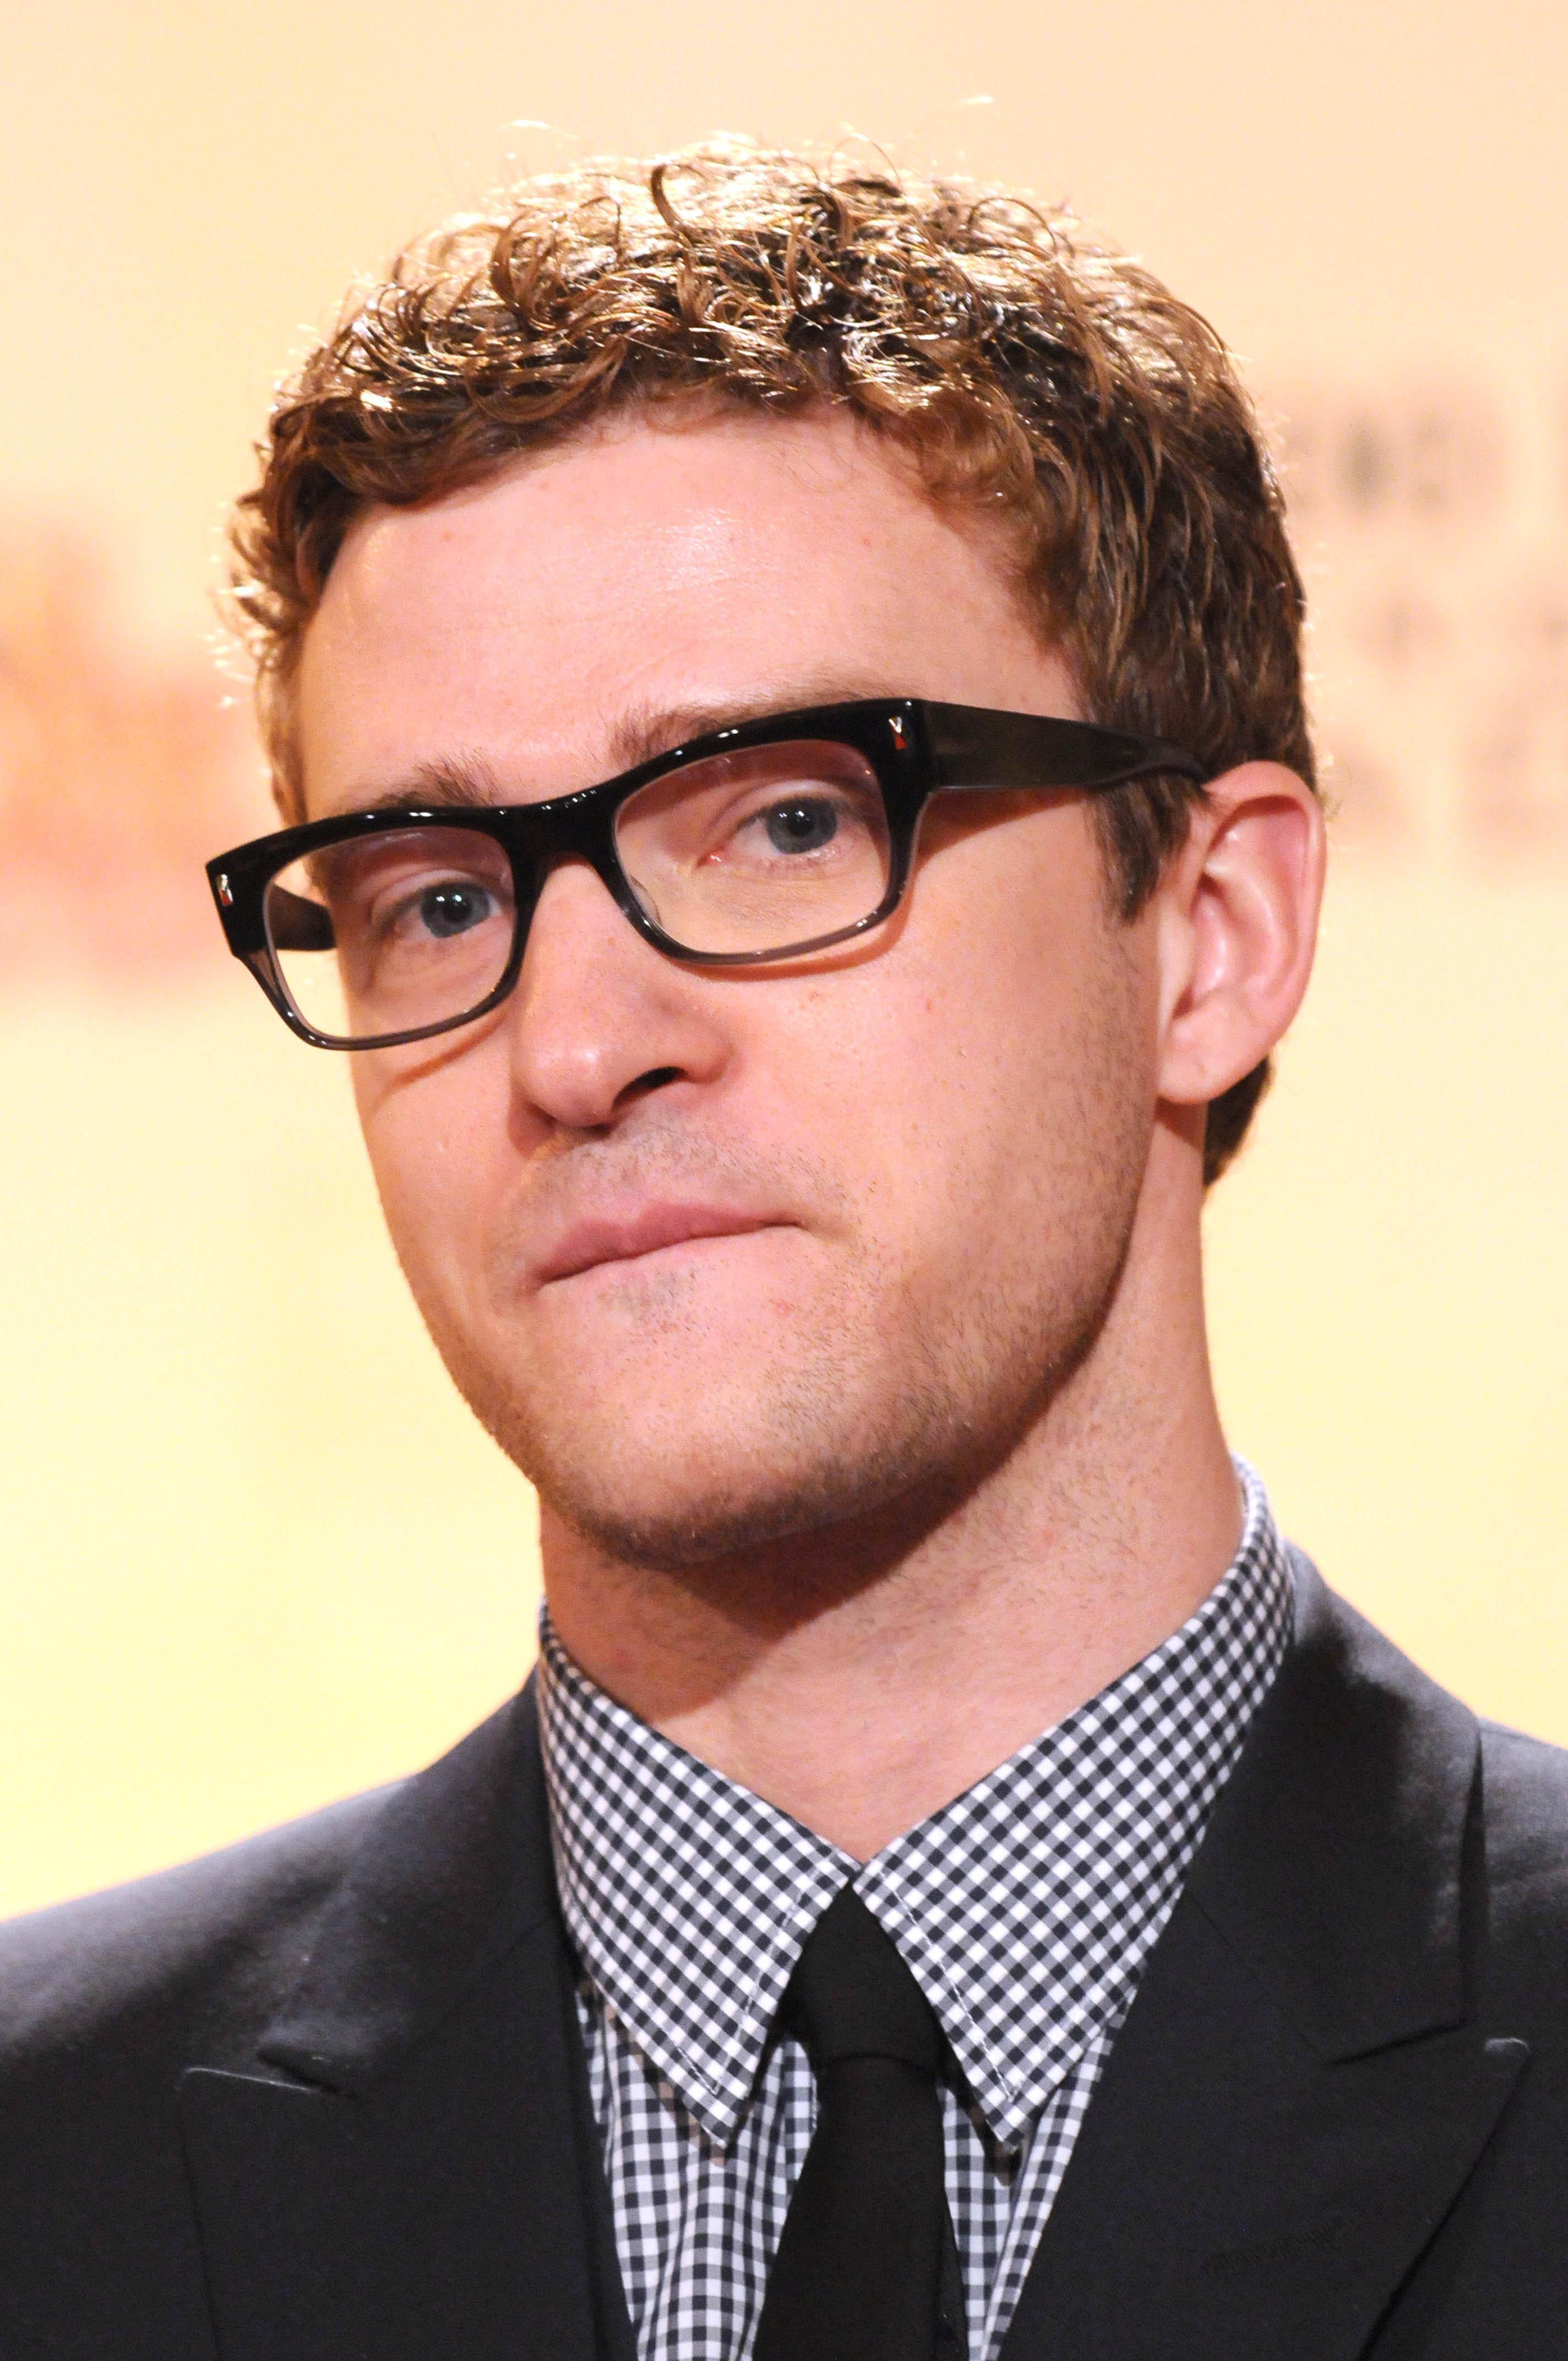 Justin Timberlake rocks curly hair